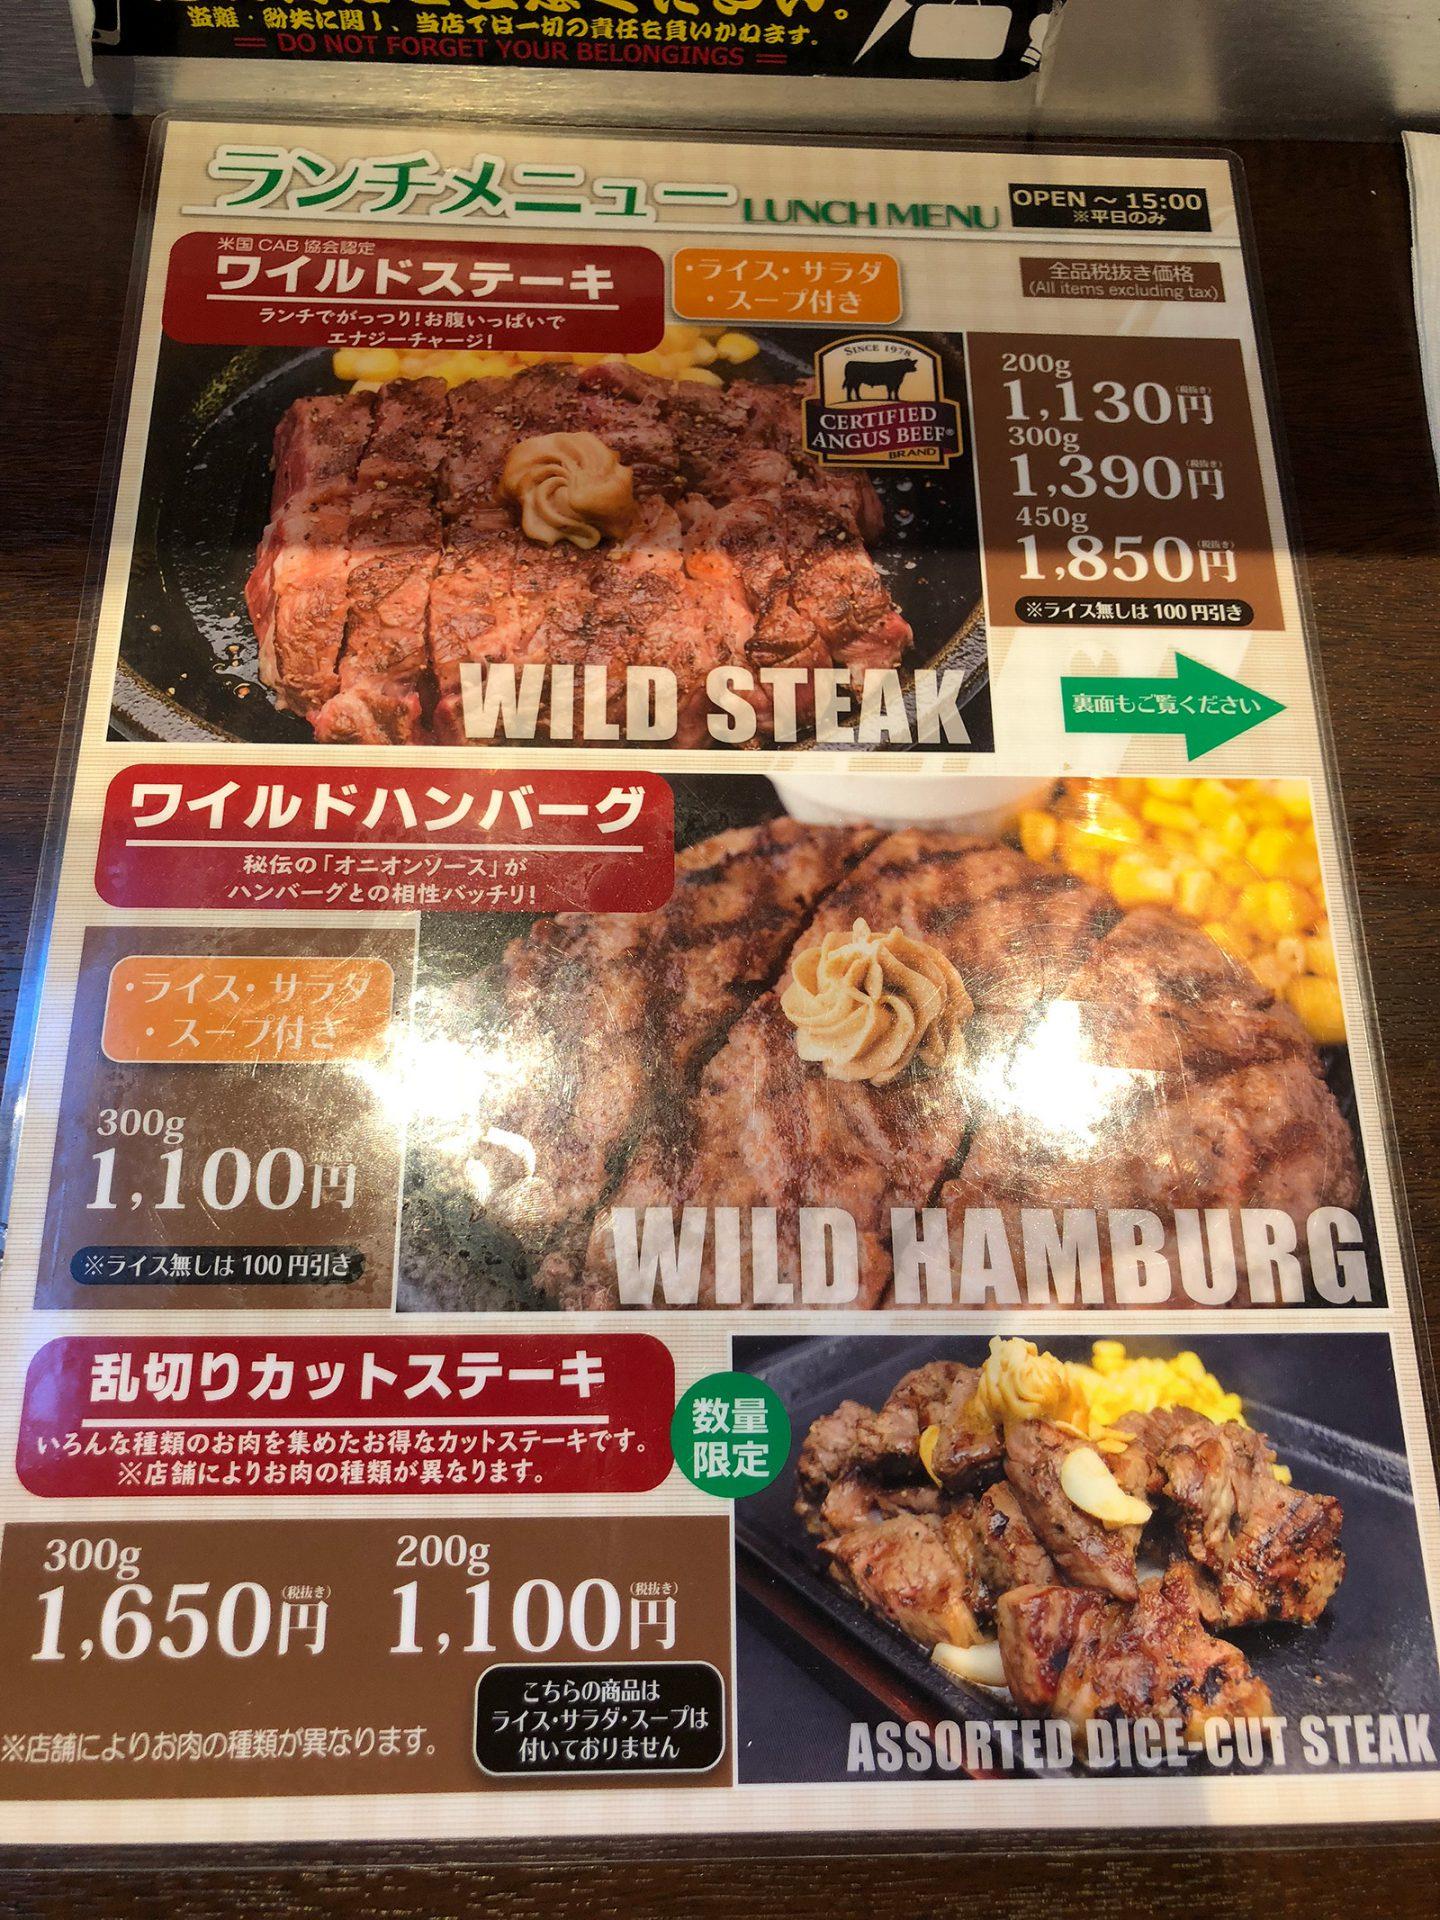 「いきなり!ステーキ 名古屋三井ビル店」のワイルドステーキ300gランチ @名駅